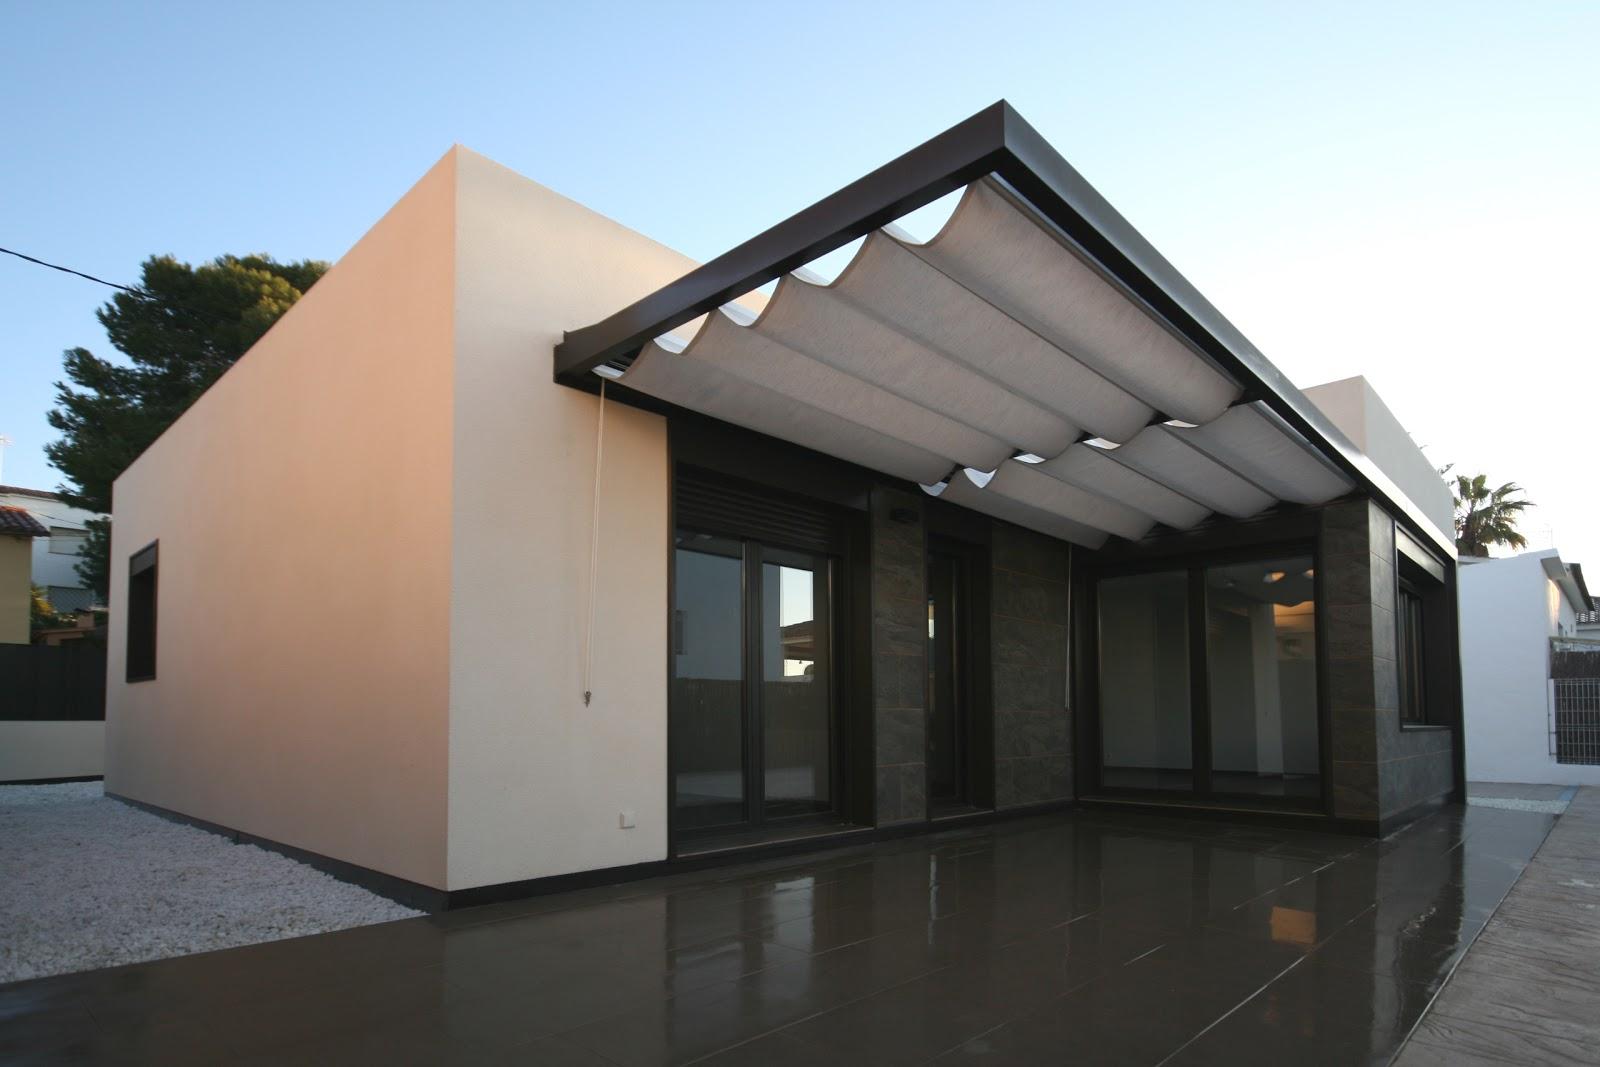 Casas modulares blochouse casas modulares blochouse - Casas prefabricadas modulares precios ...